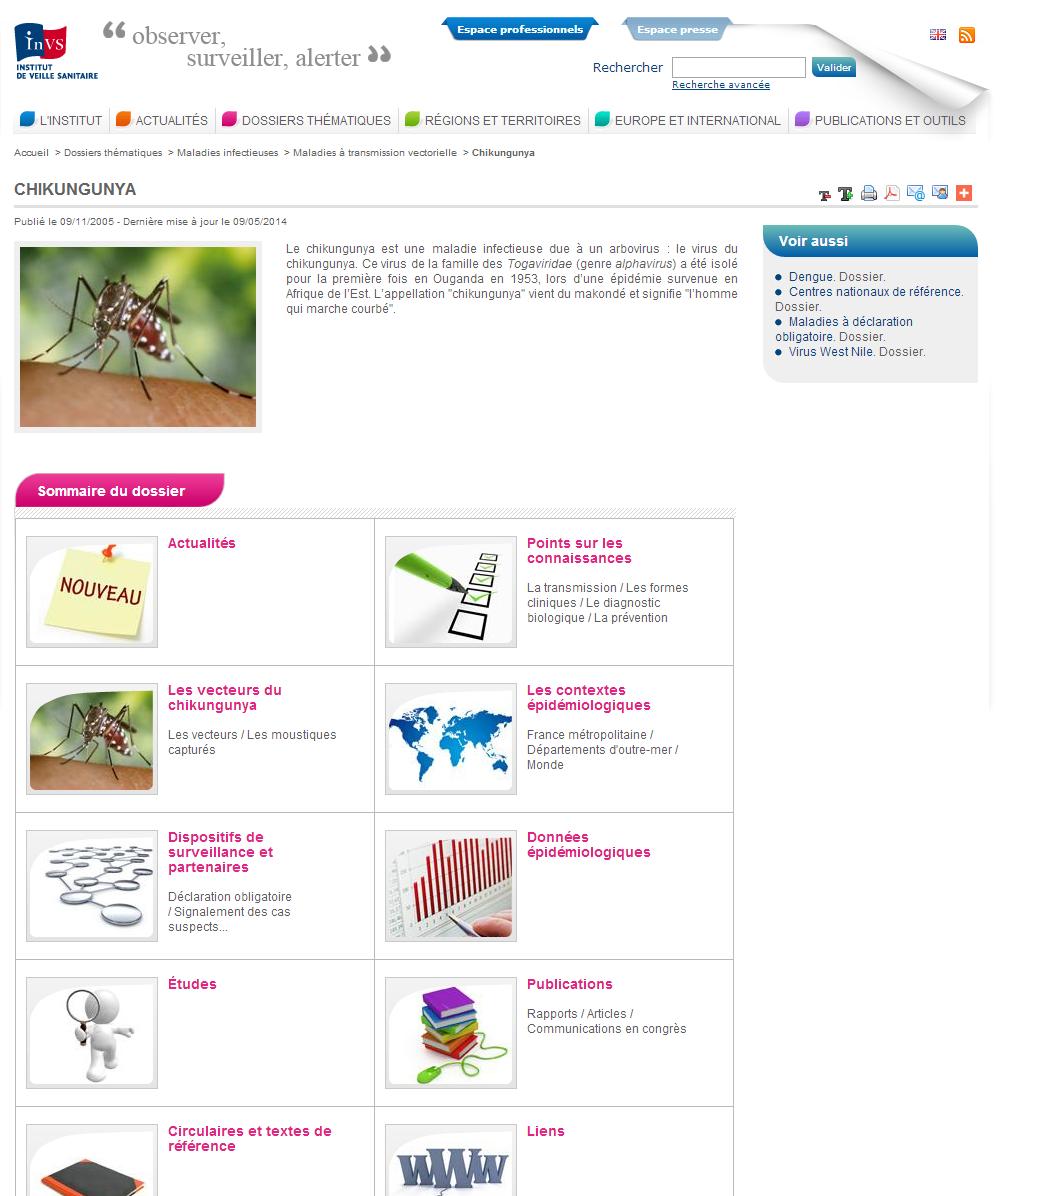 Dossier thématique sur le chikungunya